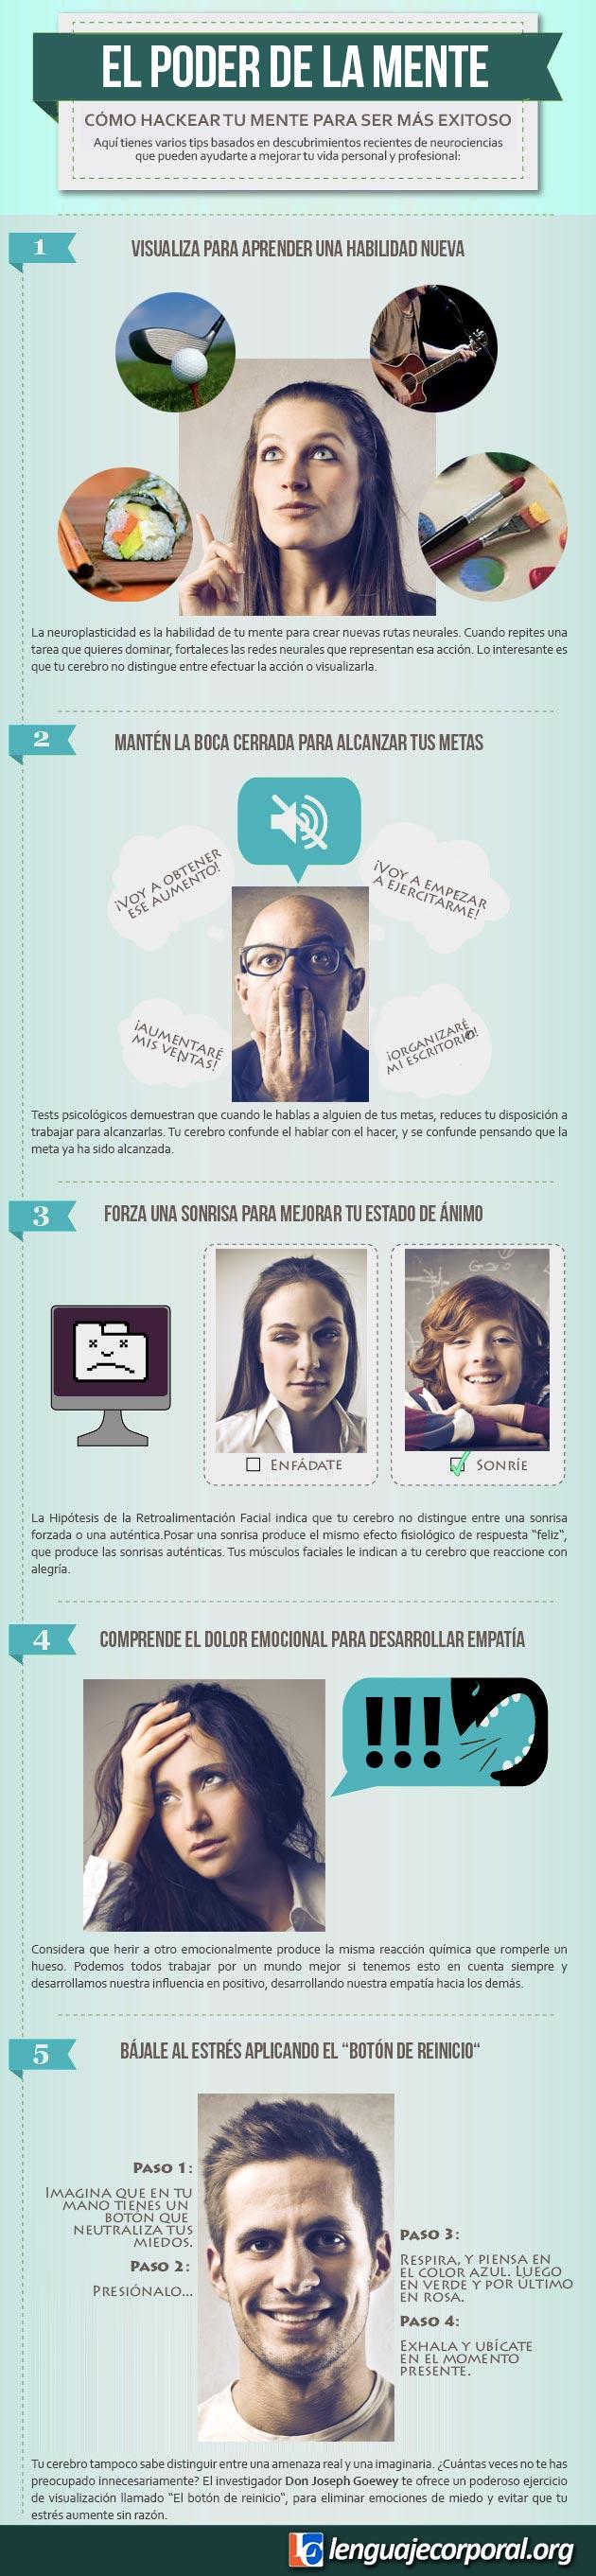 Infografías sobre el poder de la mente